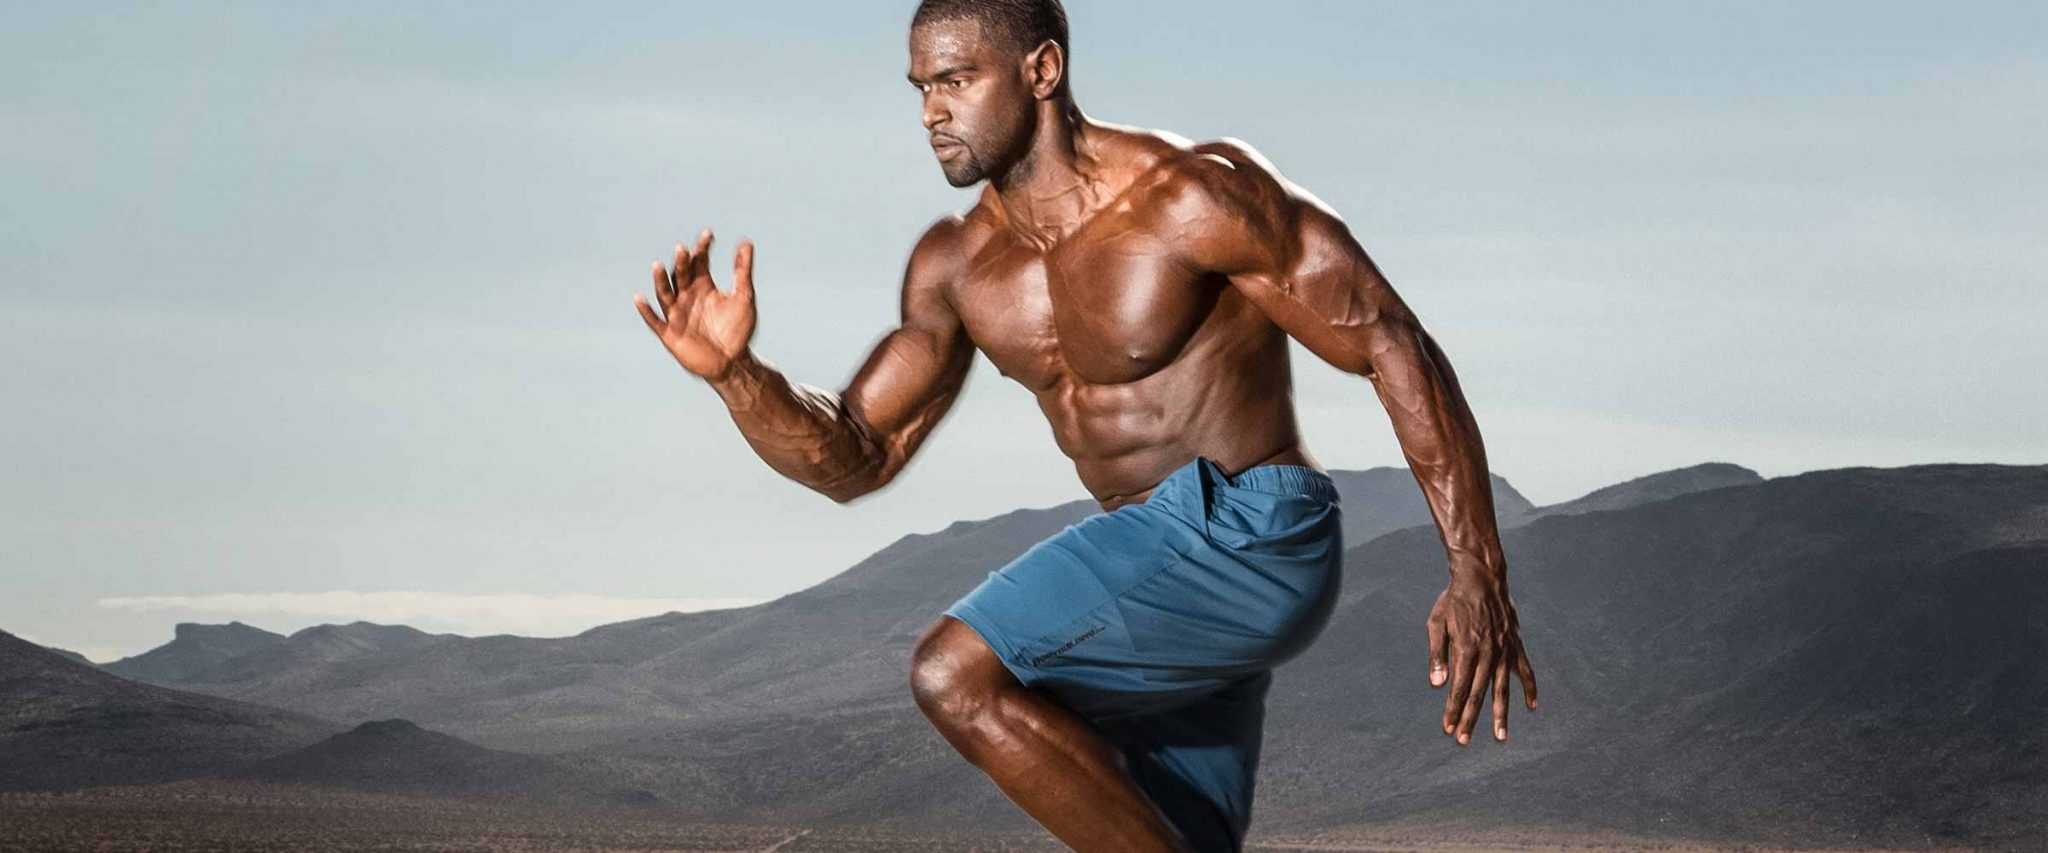 Кардиотренировки - упражнения для здоровья сердца